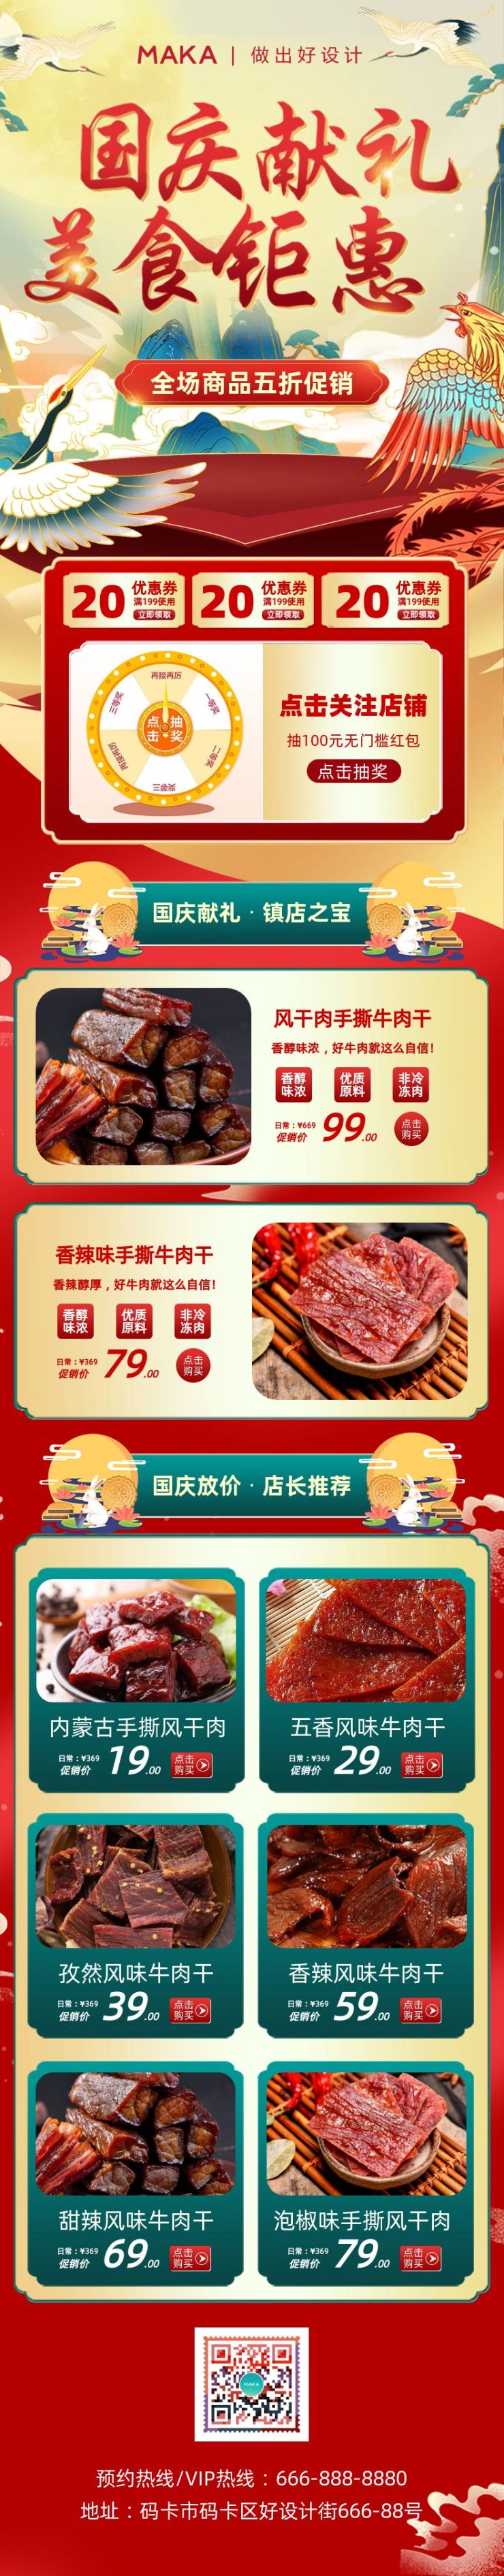 中国风国庆节促销宣传详情页